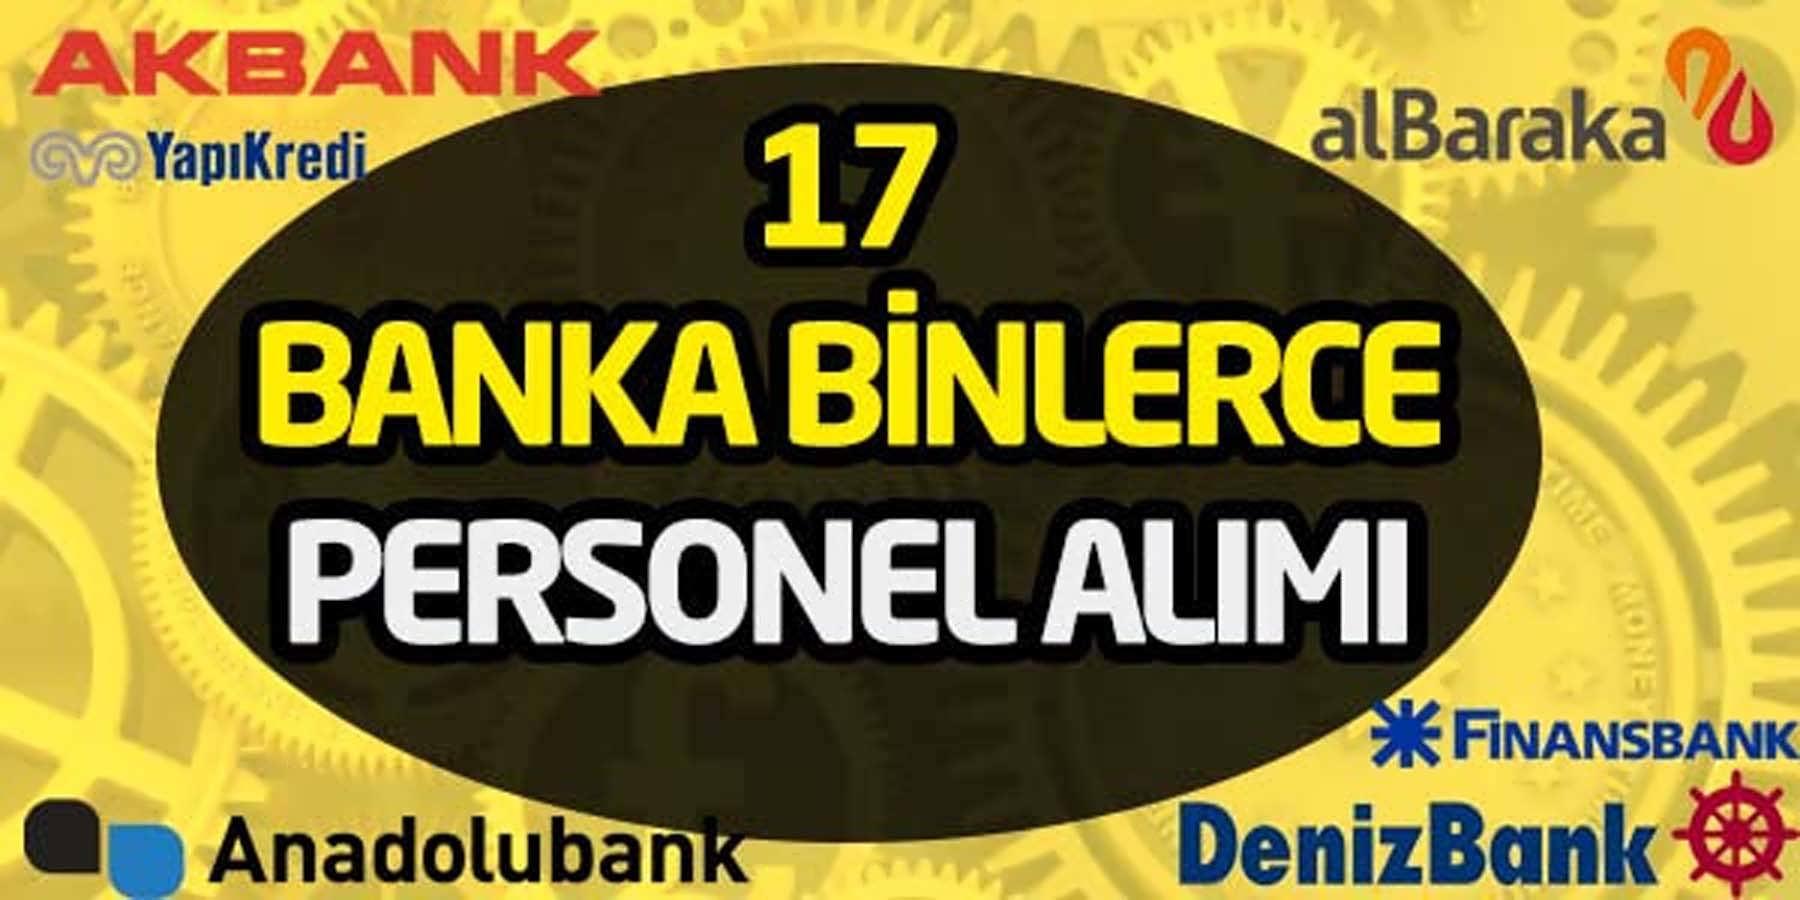 Bankaların Personel Alımları Kasım 2016